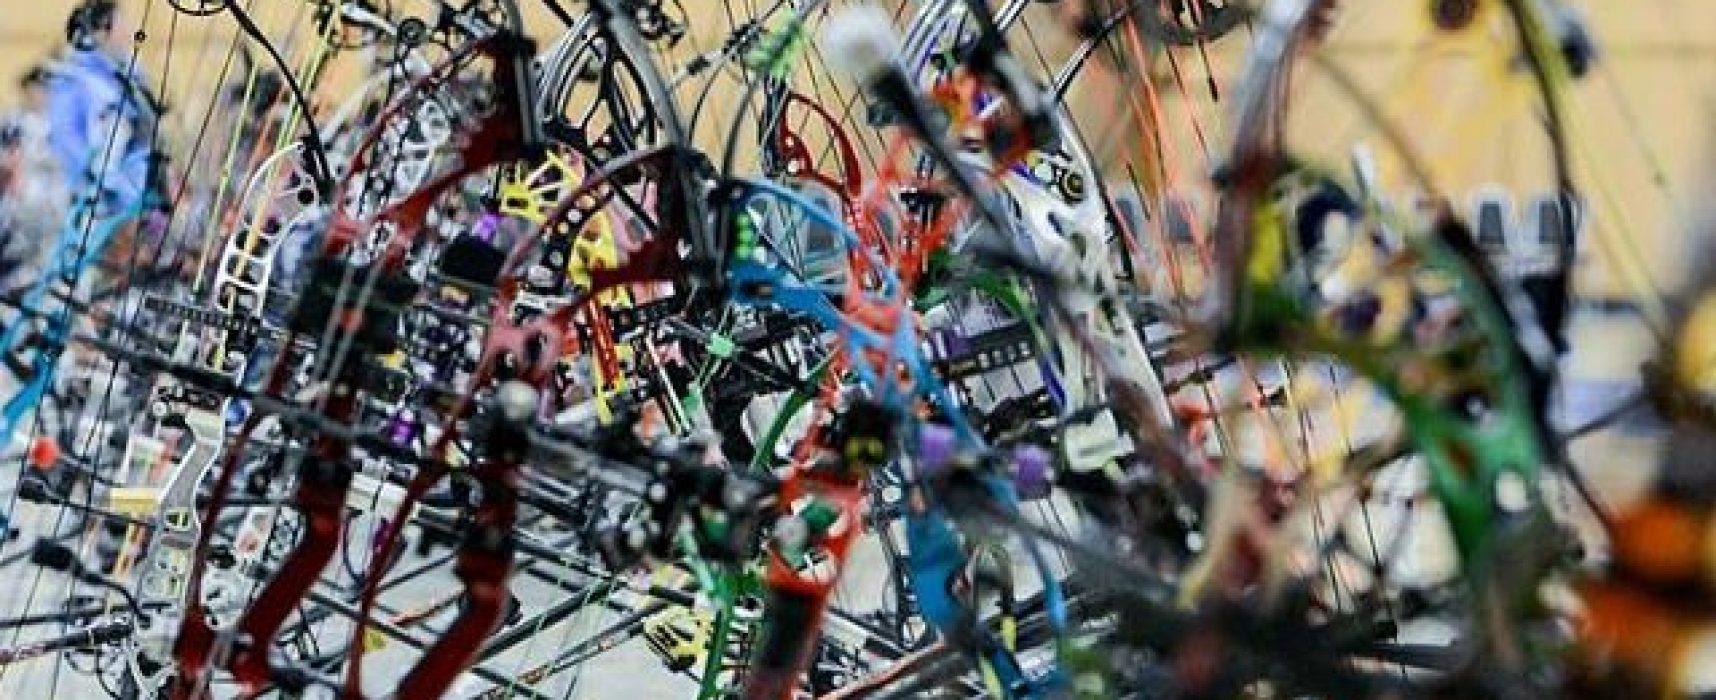 ΩΡΟΛΟΓΙΟ ΠΡΟΓΡΑΜΜΑ ΠΑΝΕΛΛΗΝΙΟΥ ΠΡΩΤΑΘΛΗΜΑΤΟΣ Κ.Χ. ΝΑ-ΝΓ/Ε-Ν ΟΛ. & ΣΥΝ. ΤΟΞΟΥ 16-17 ΜΑΡΤΙΟΥ 2019 ΝΑΥΠΛΙΟ